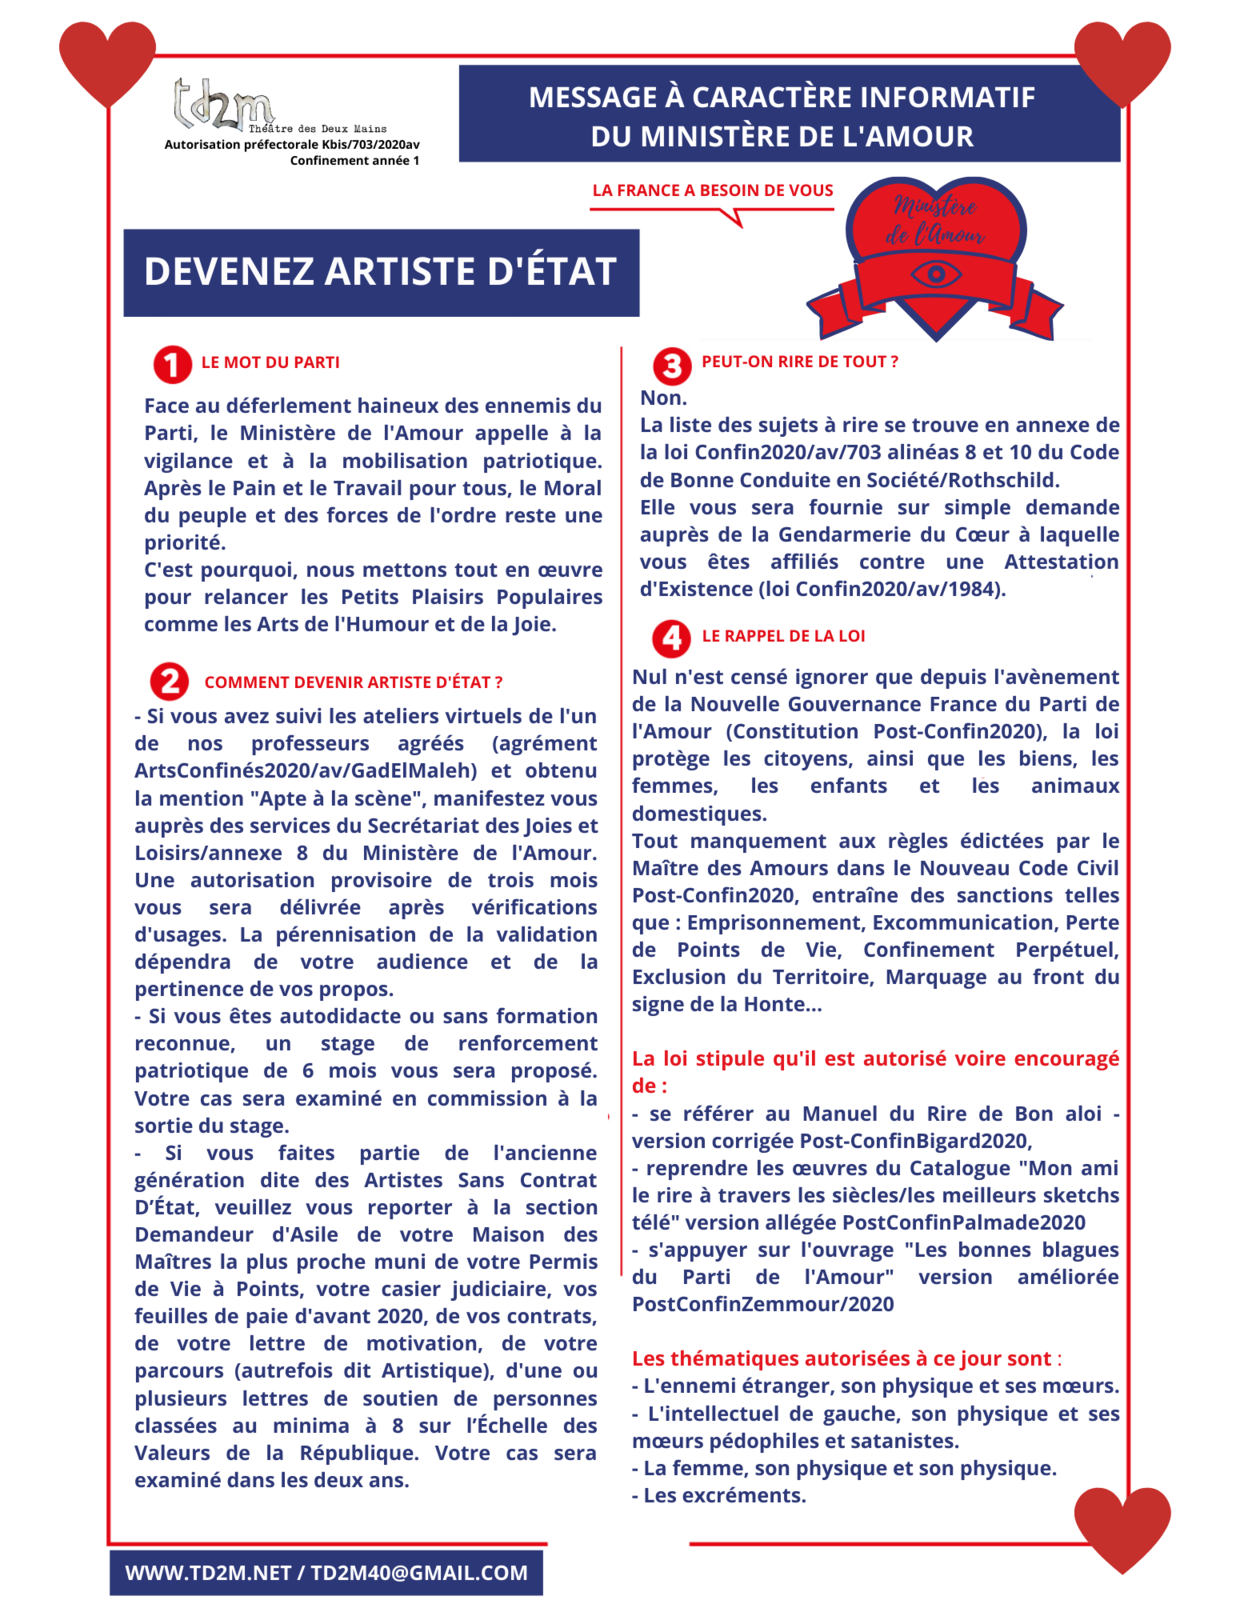 Pratique artistique - PostConfin2020 - An01